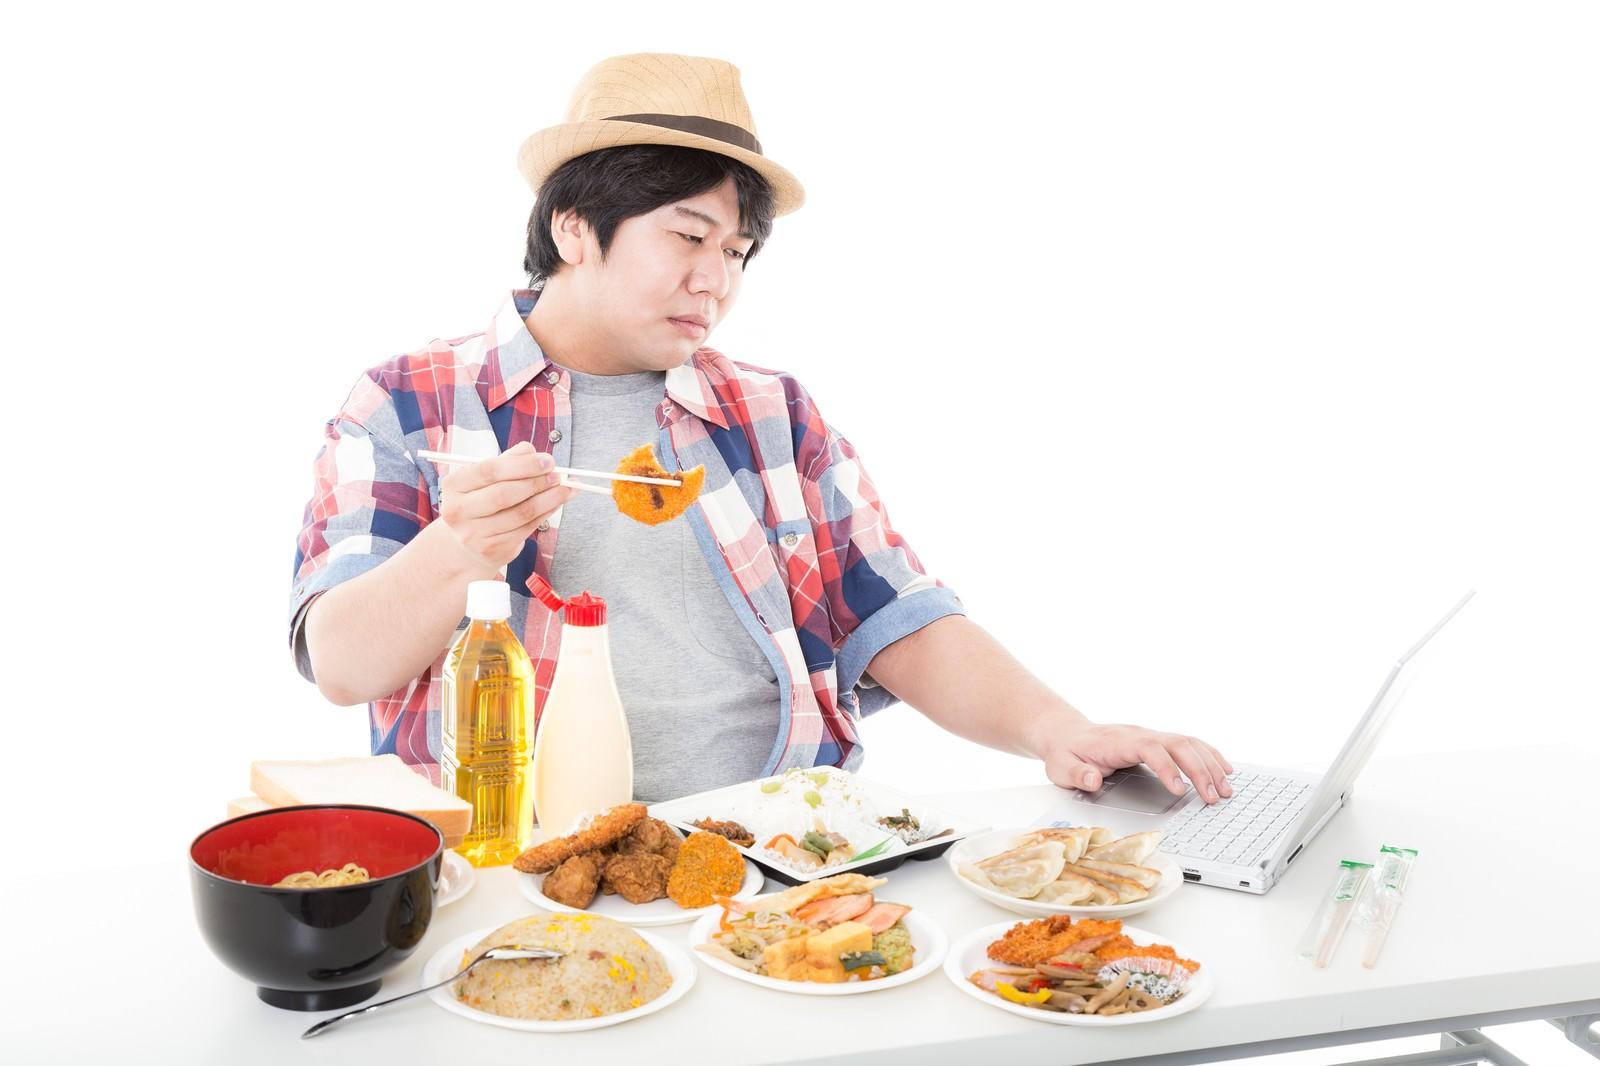 「コロッケを食べながらコロッケの画像をネットで検索する休日のパパ」の写真[モデル:朽木誠一郎]